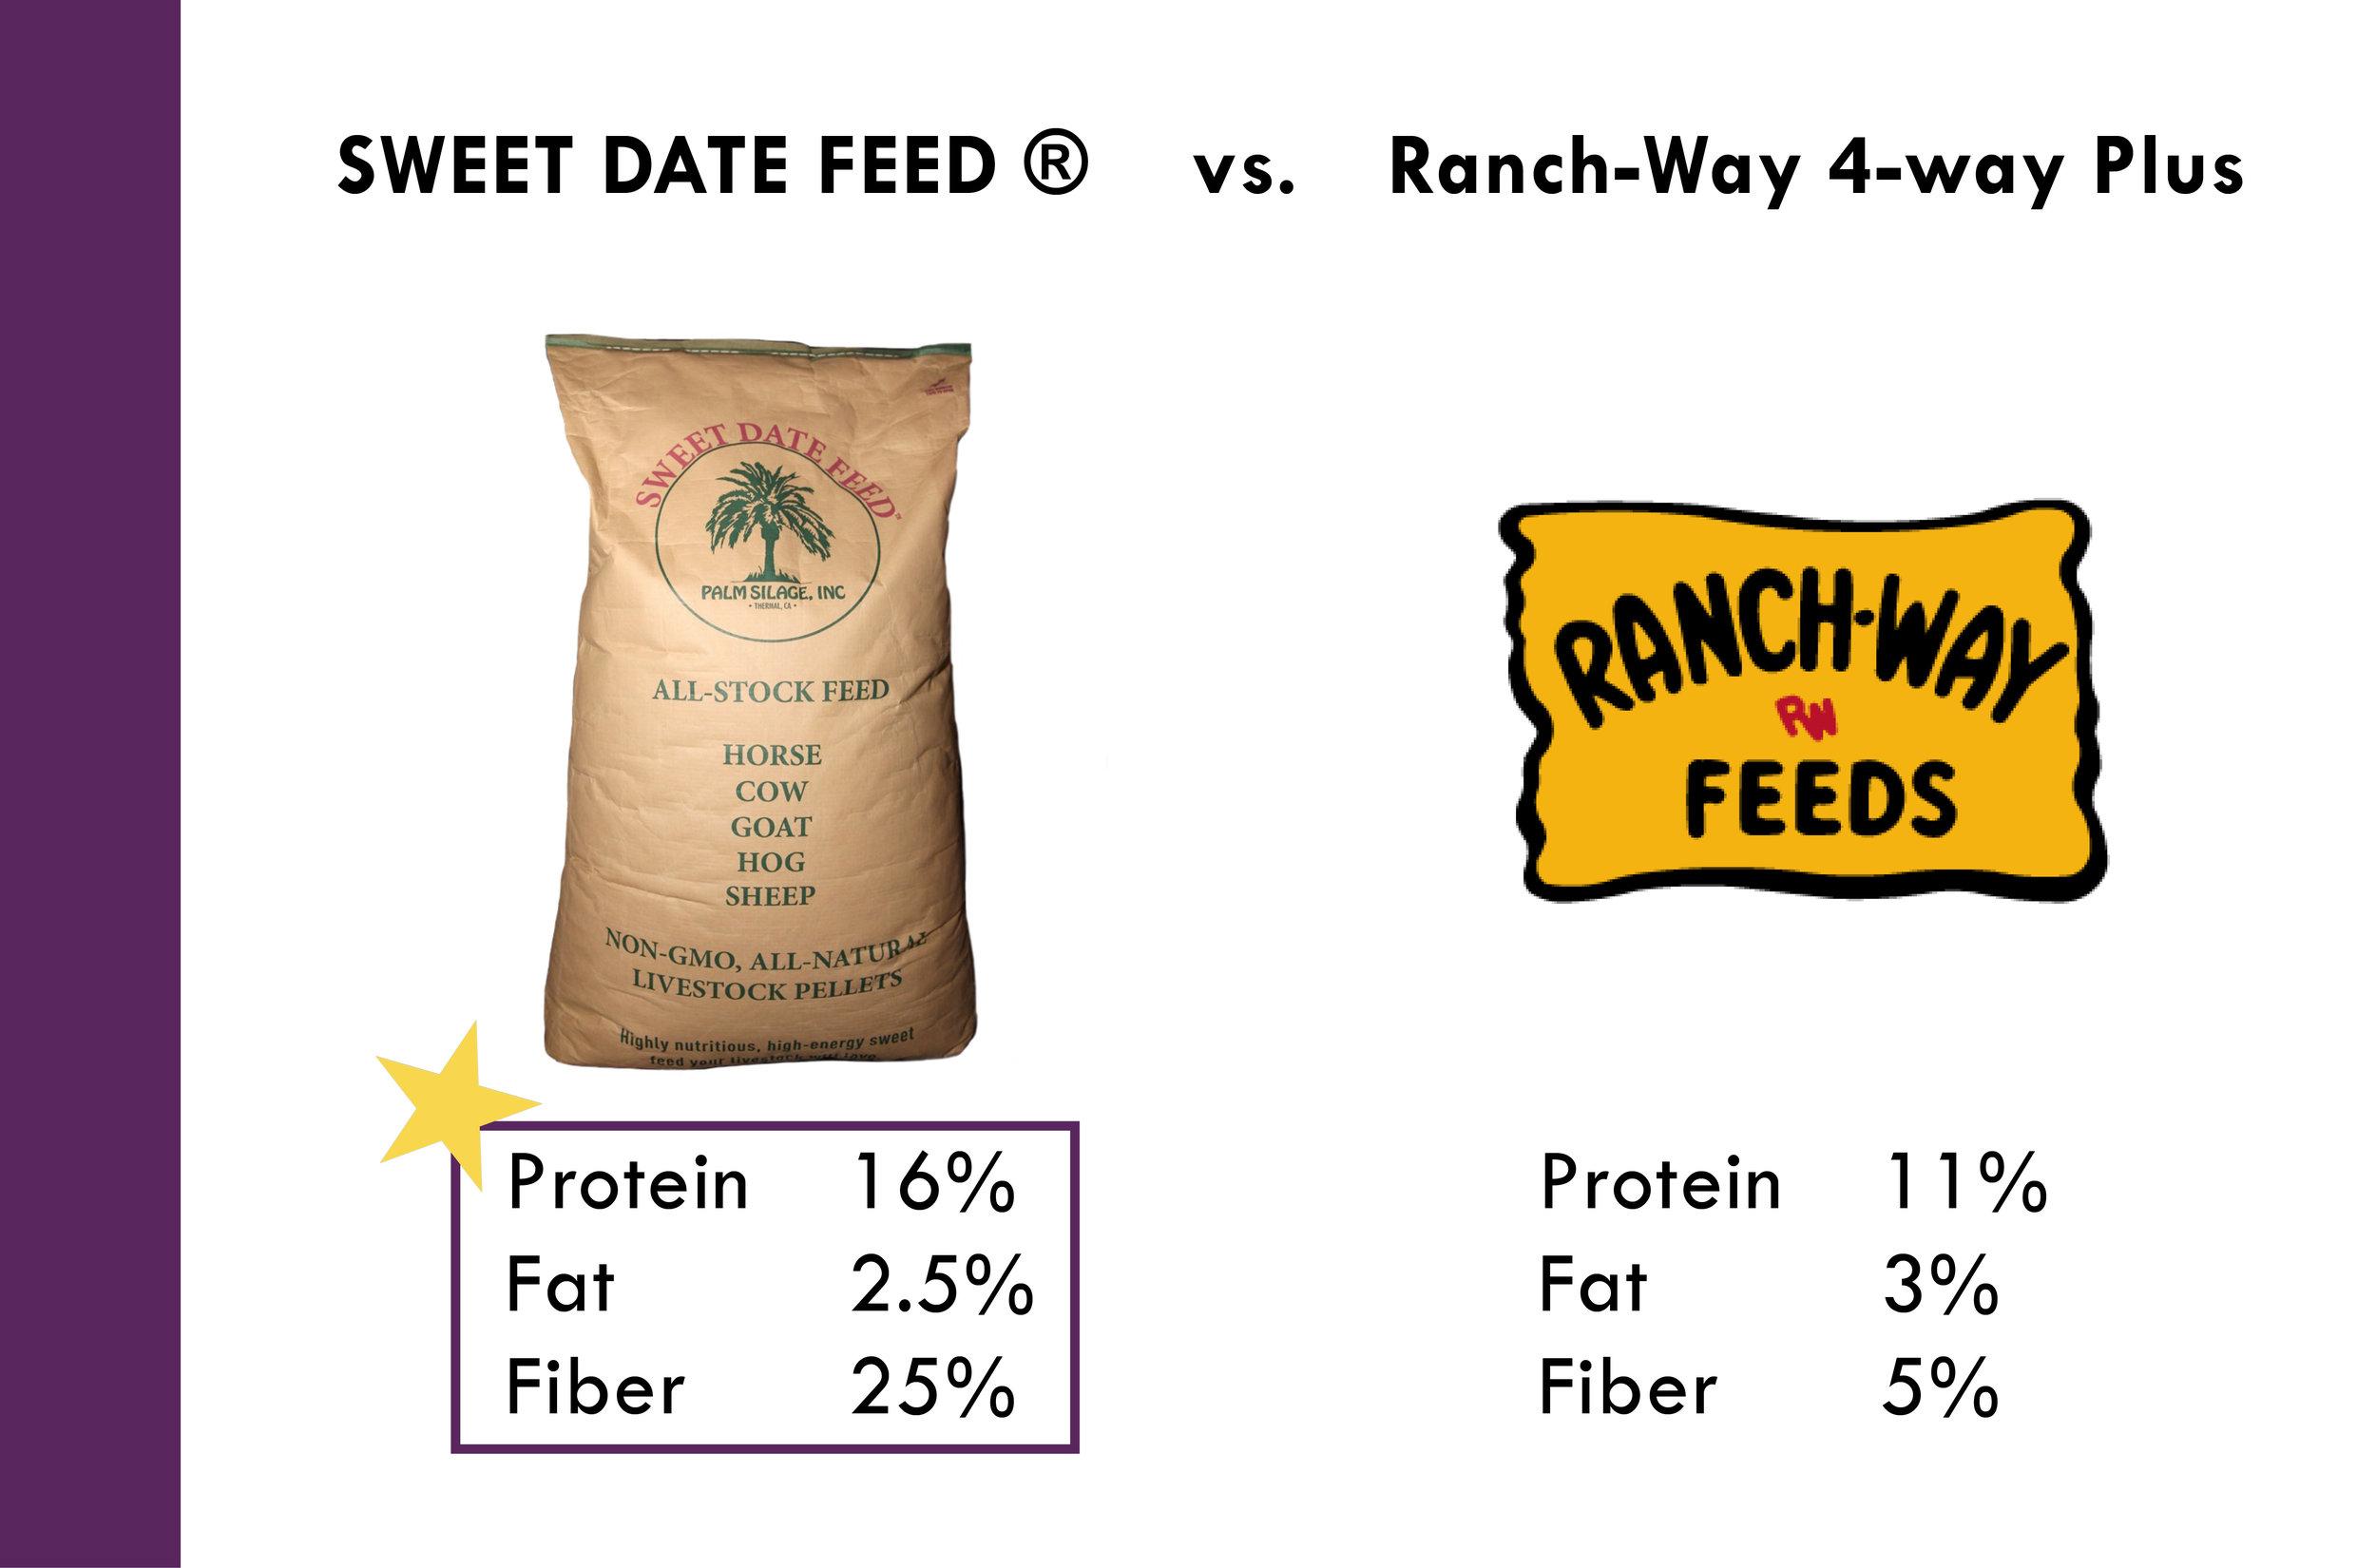 Why Sweet Date Feed_Palm Silage, Inc. 10-11-177.jpg